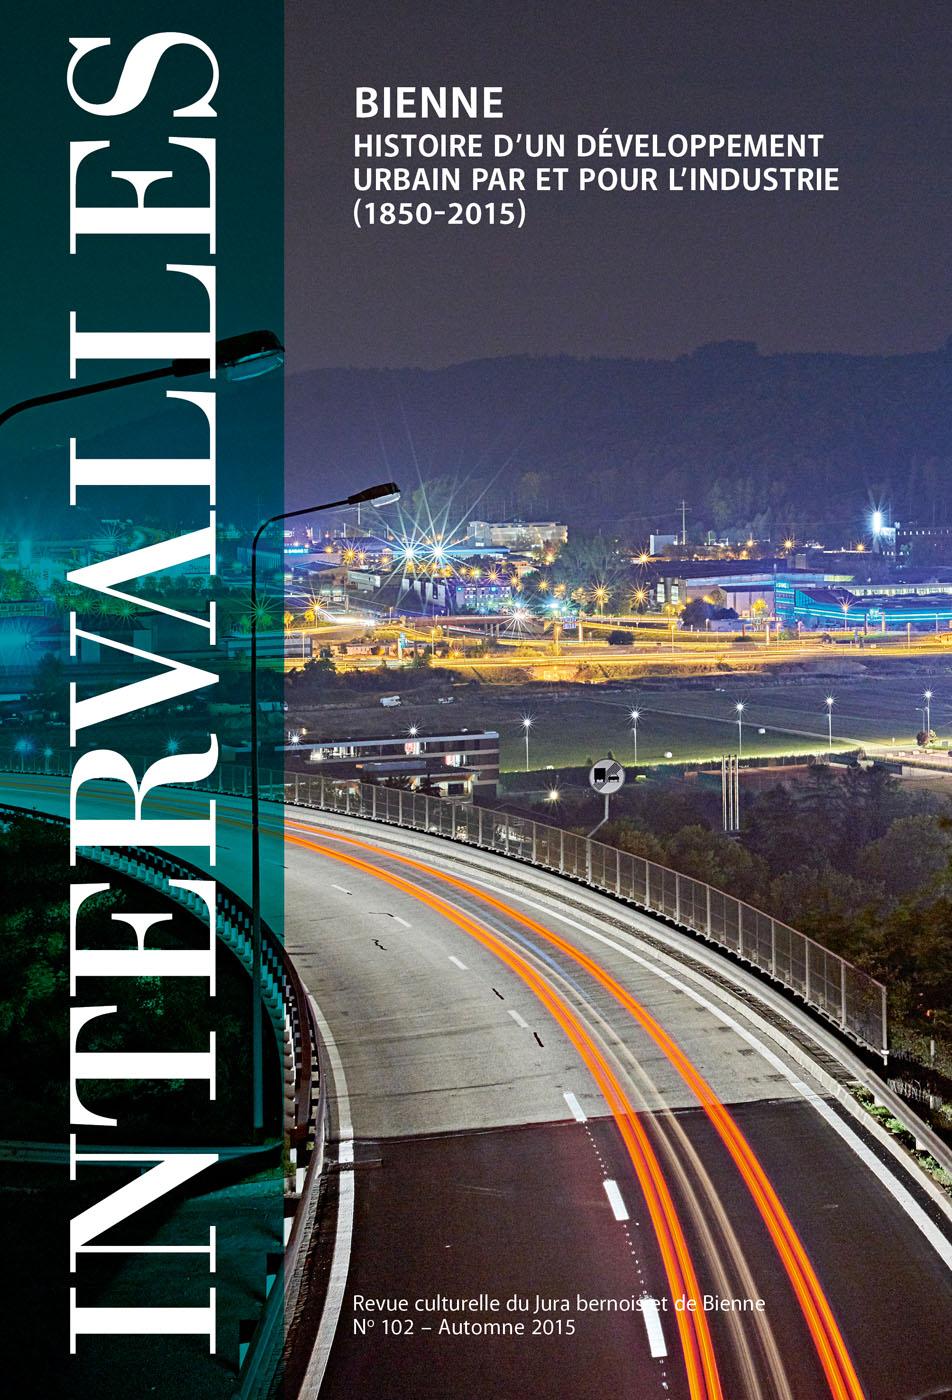 No 102 – Bienne – Histoire d'un développement urbain par et pour l'industrie (1850-2015)